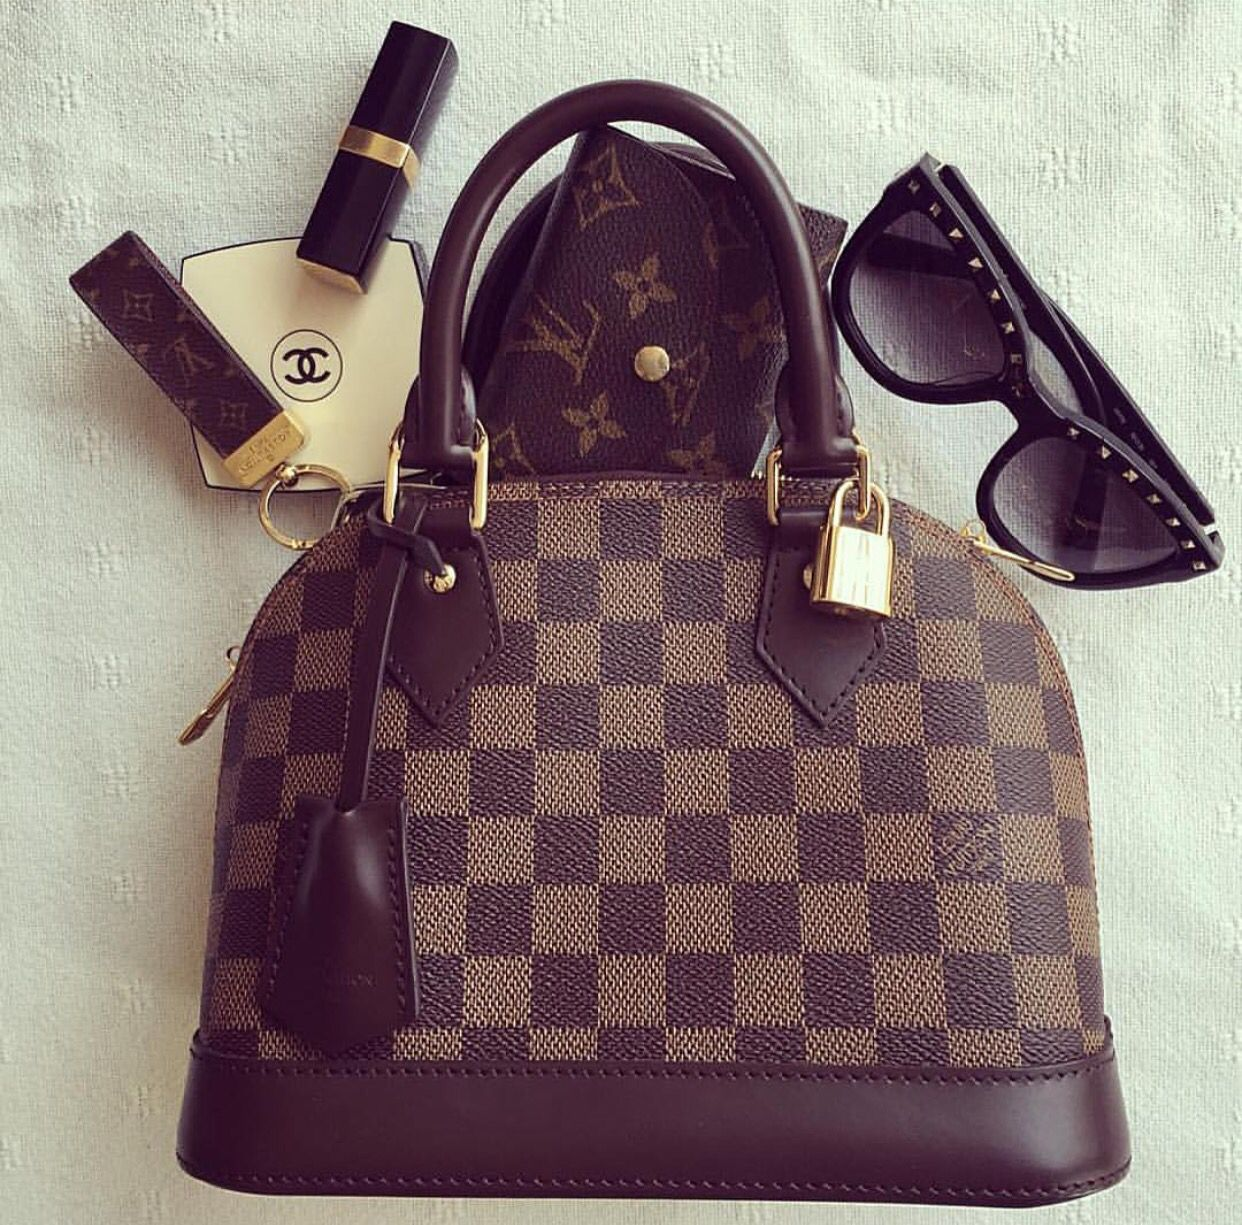 Alma Bb Thebagmemo Louis Vuitton Vuitton Louis Vuitton Handbags